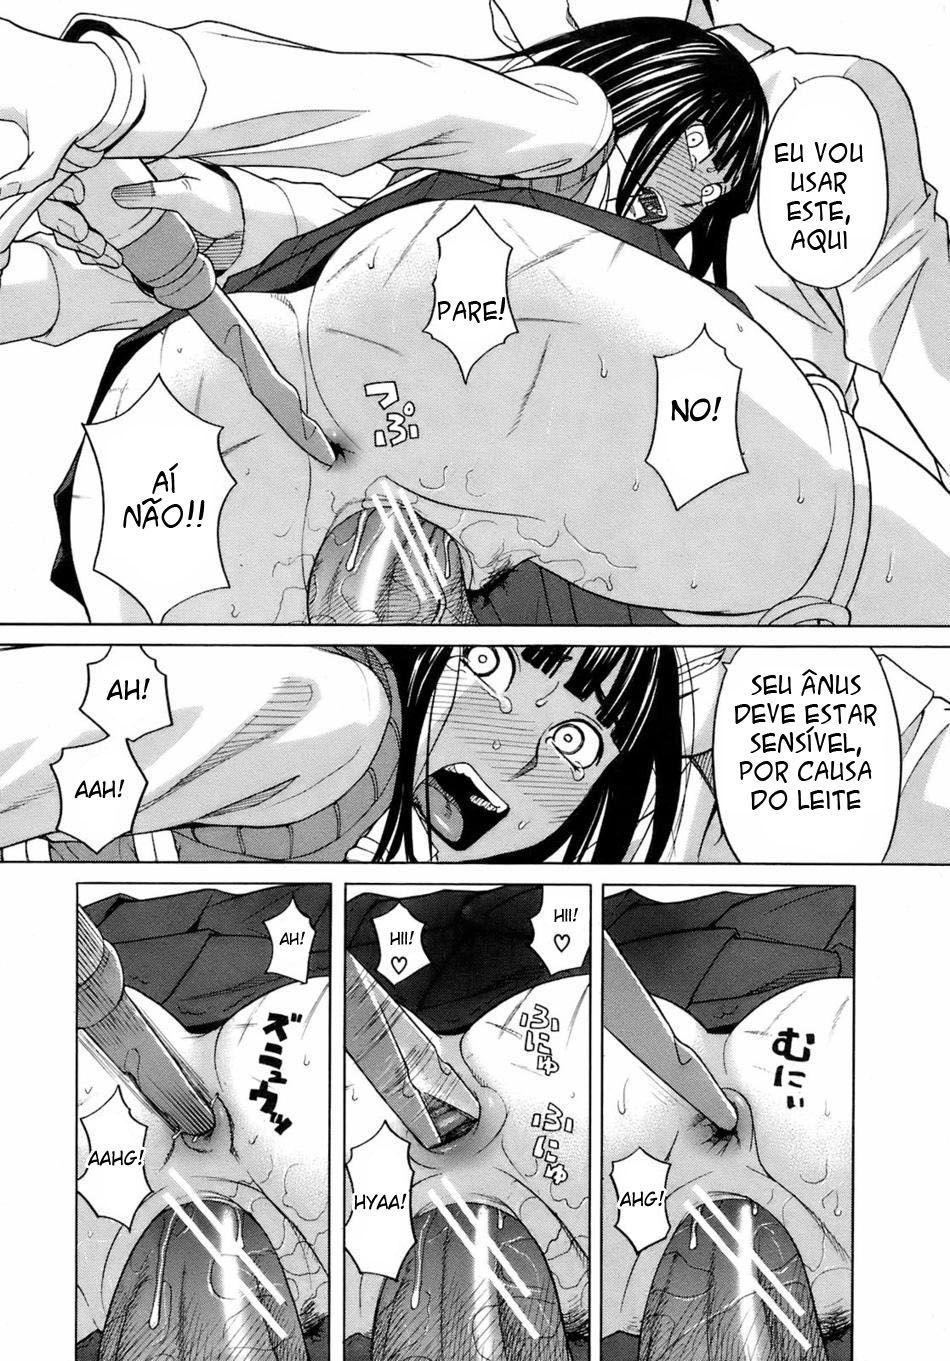 O-namorado-pervertido-sexual-14